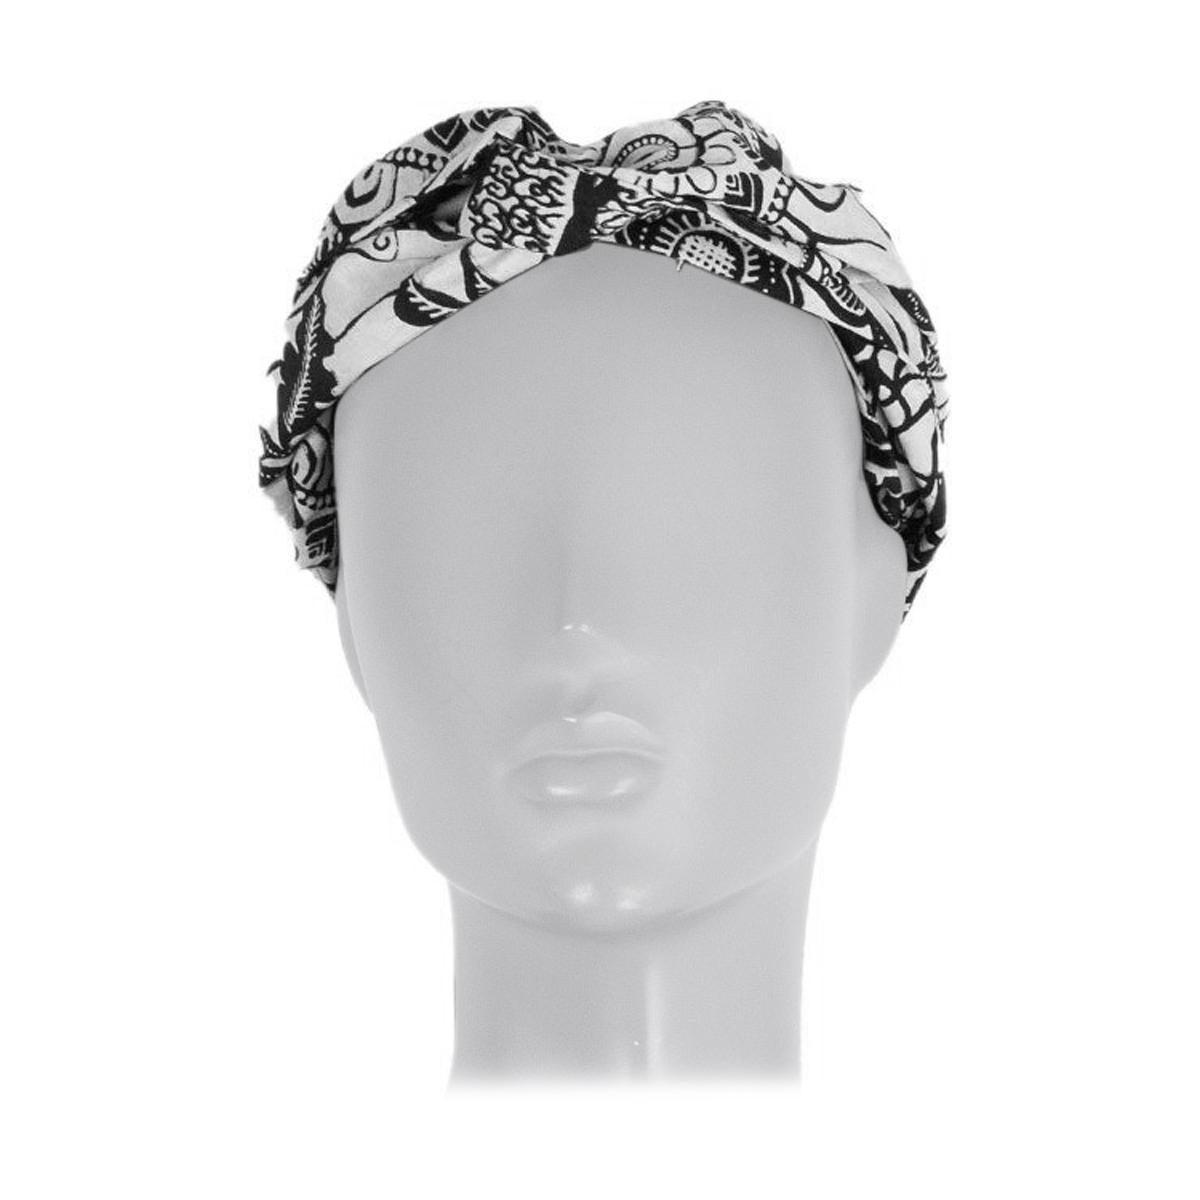 CHRISTIAN DIOR black & white cotton TOILE DE JOUY Headband